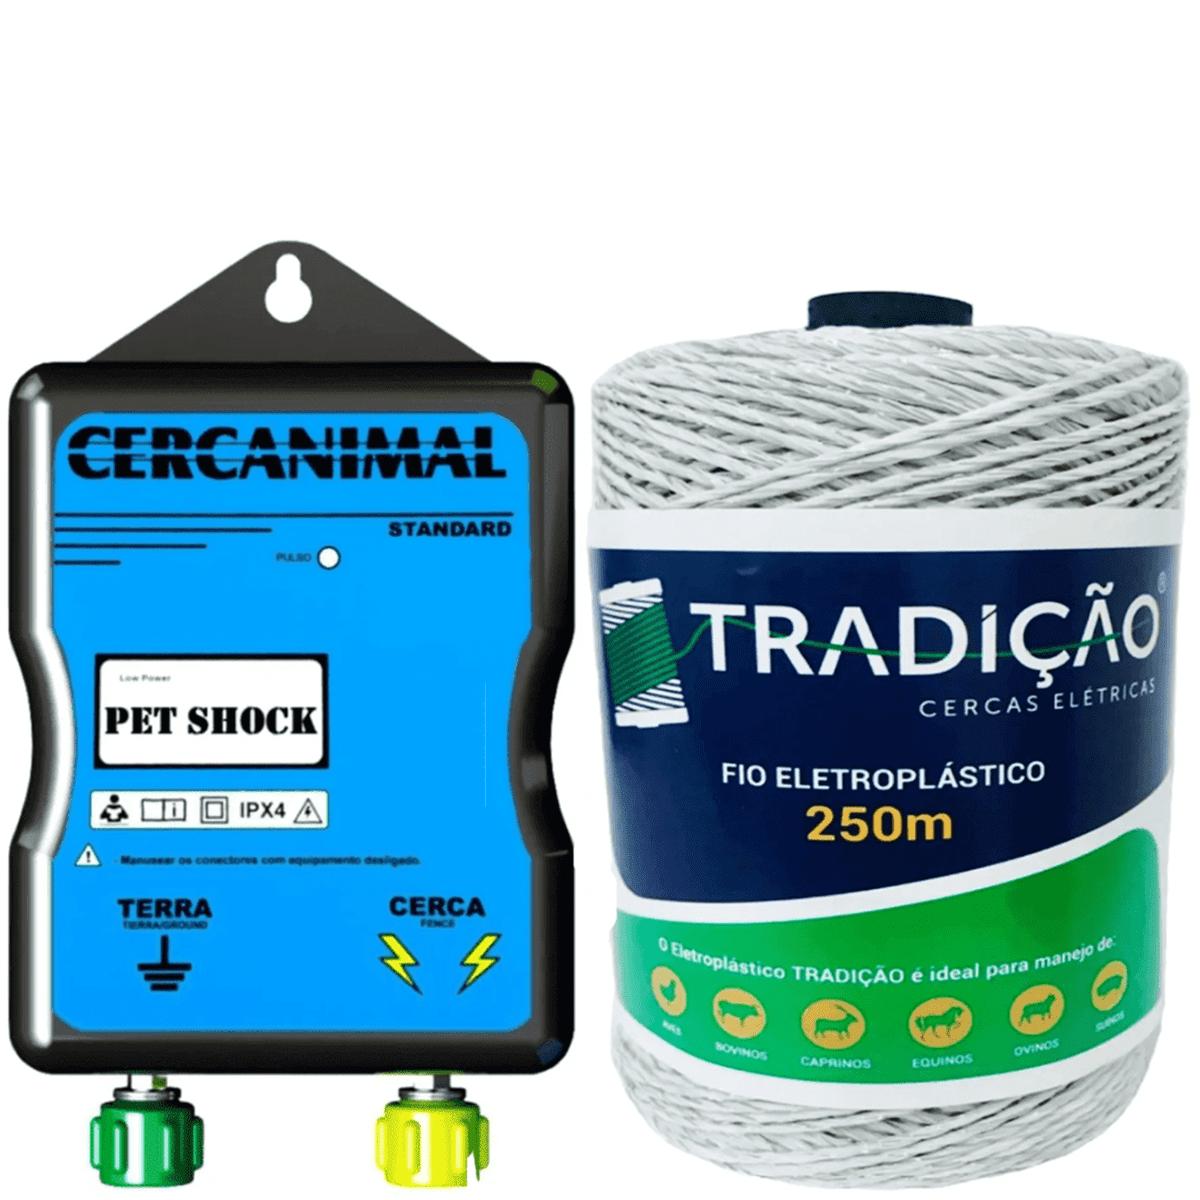 Eletrificador Cerca Elétrica Cães Pet Shock + 250 Metros Fio  - Ambientude Agro e Pet